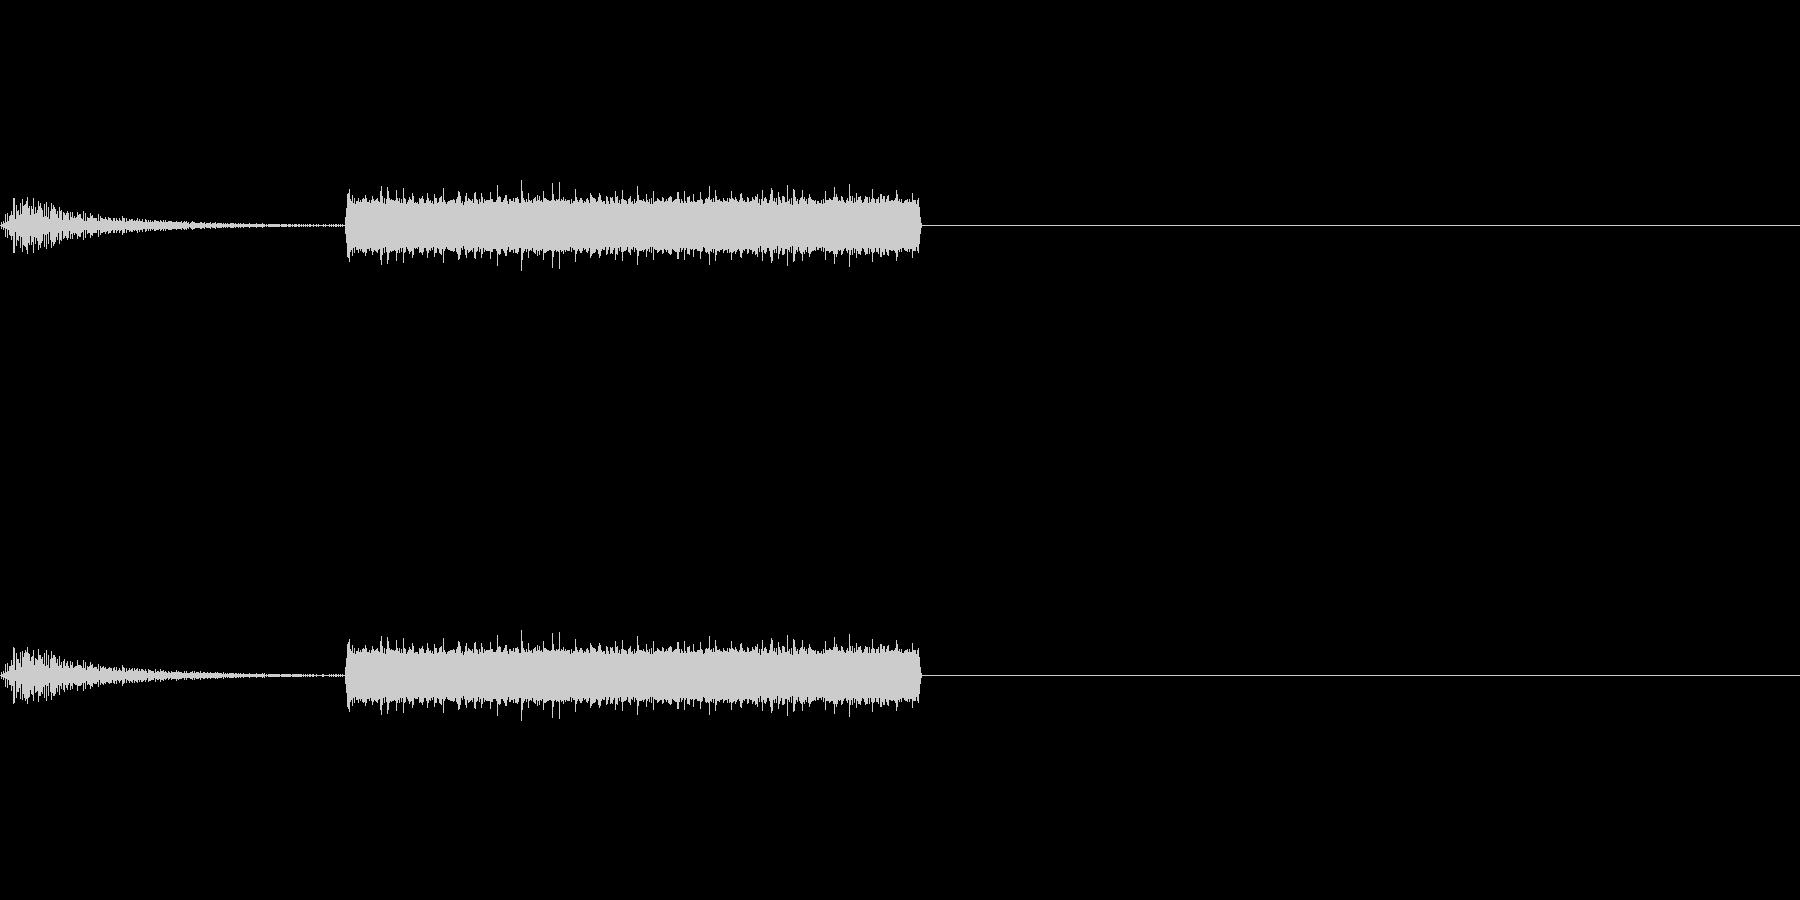 画面表示/スクリーンON/解析/デジタルの未再生の波形